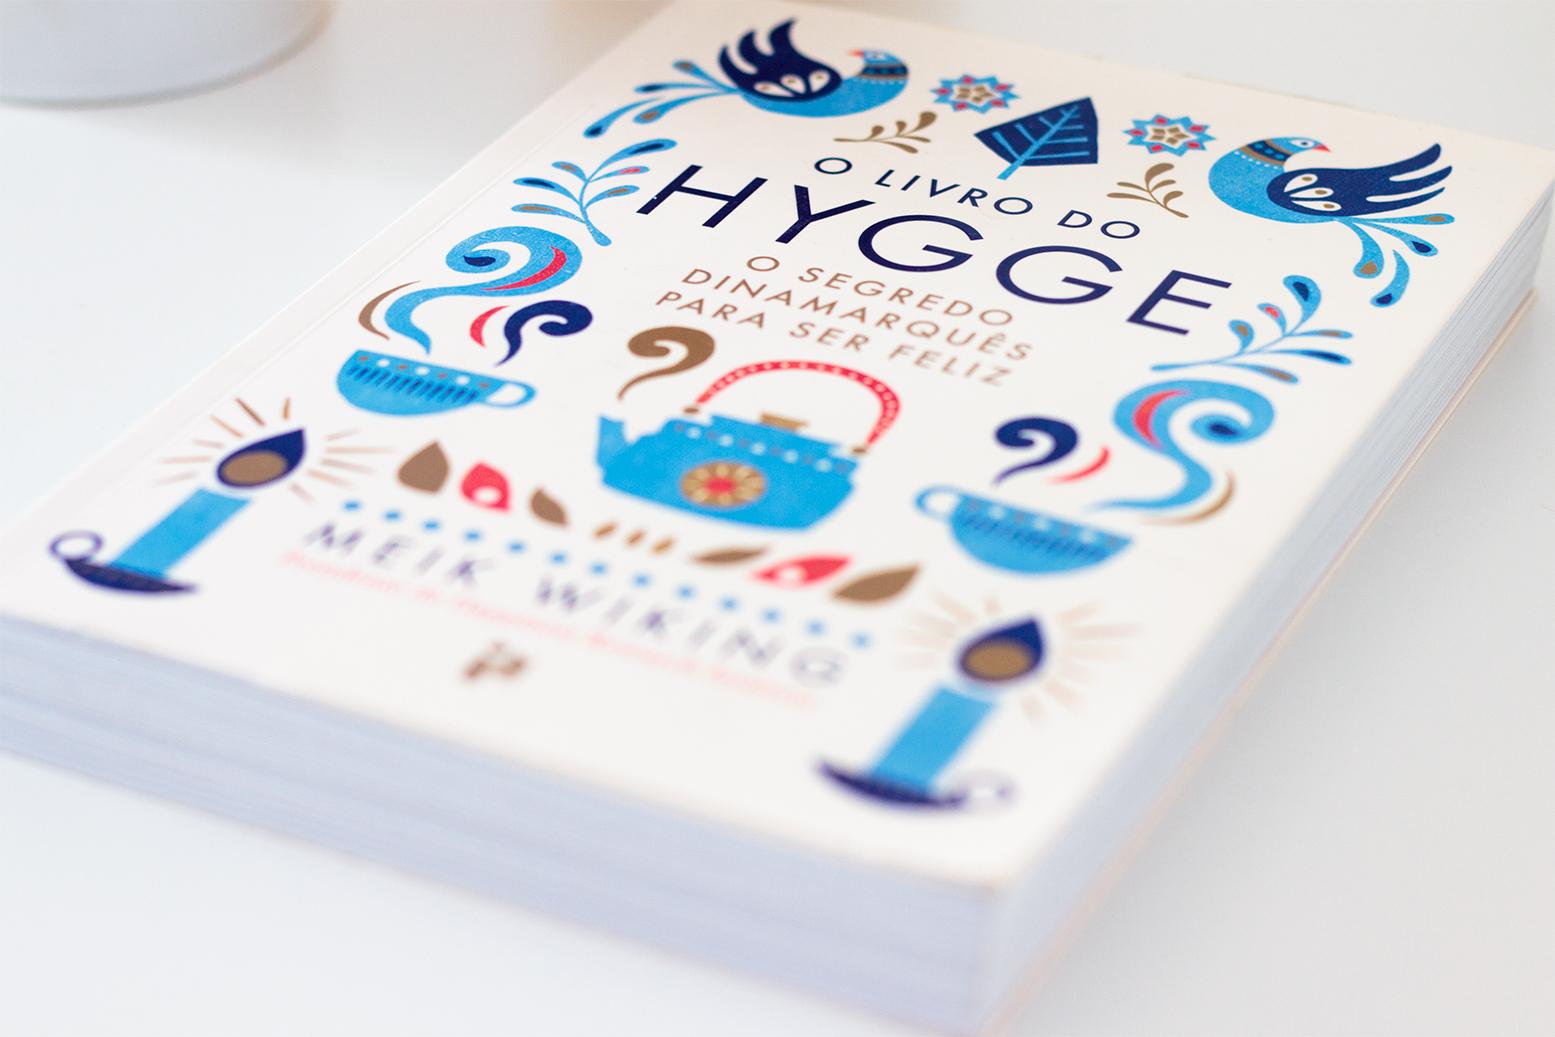 O Livro do Hygge